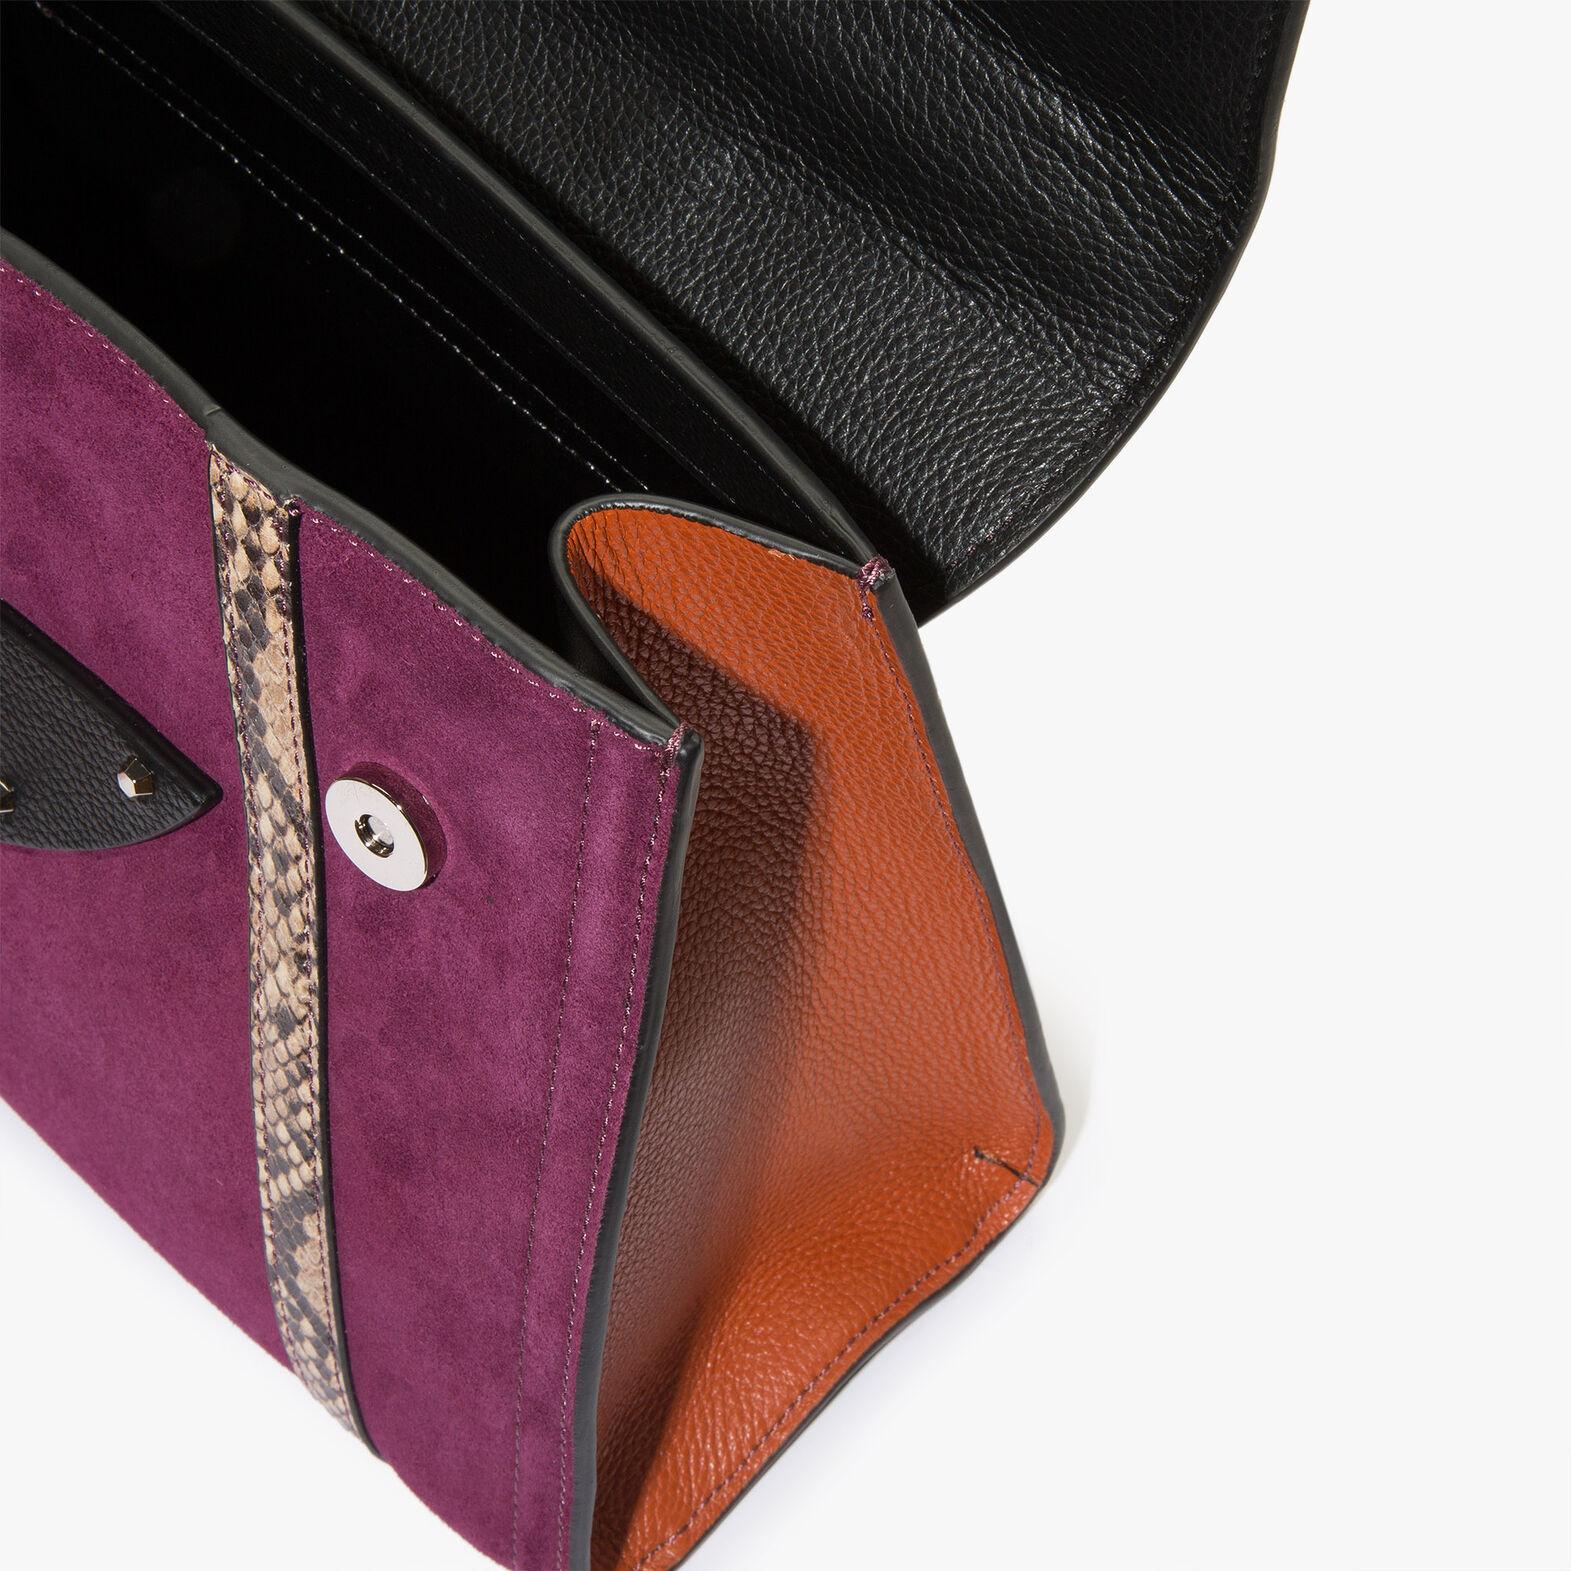 B14 suede handbag